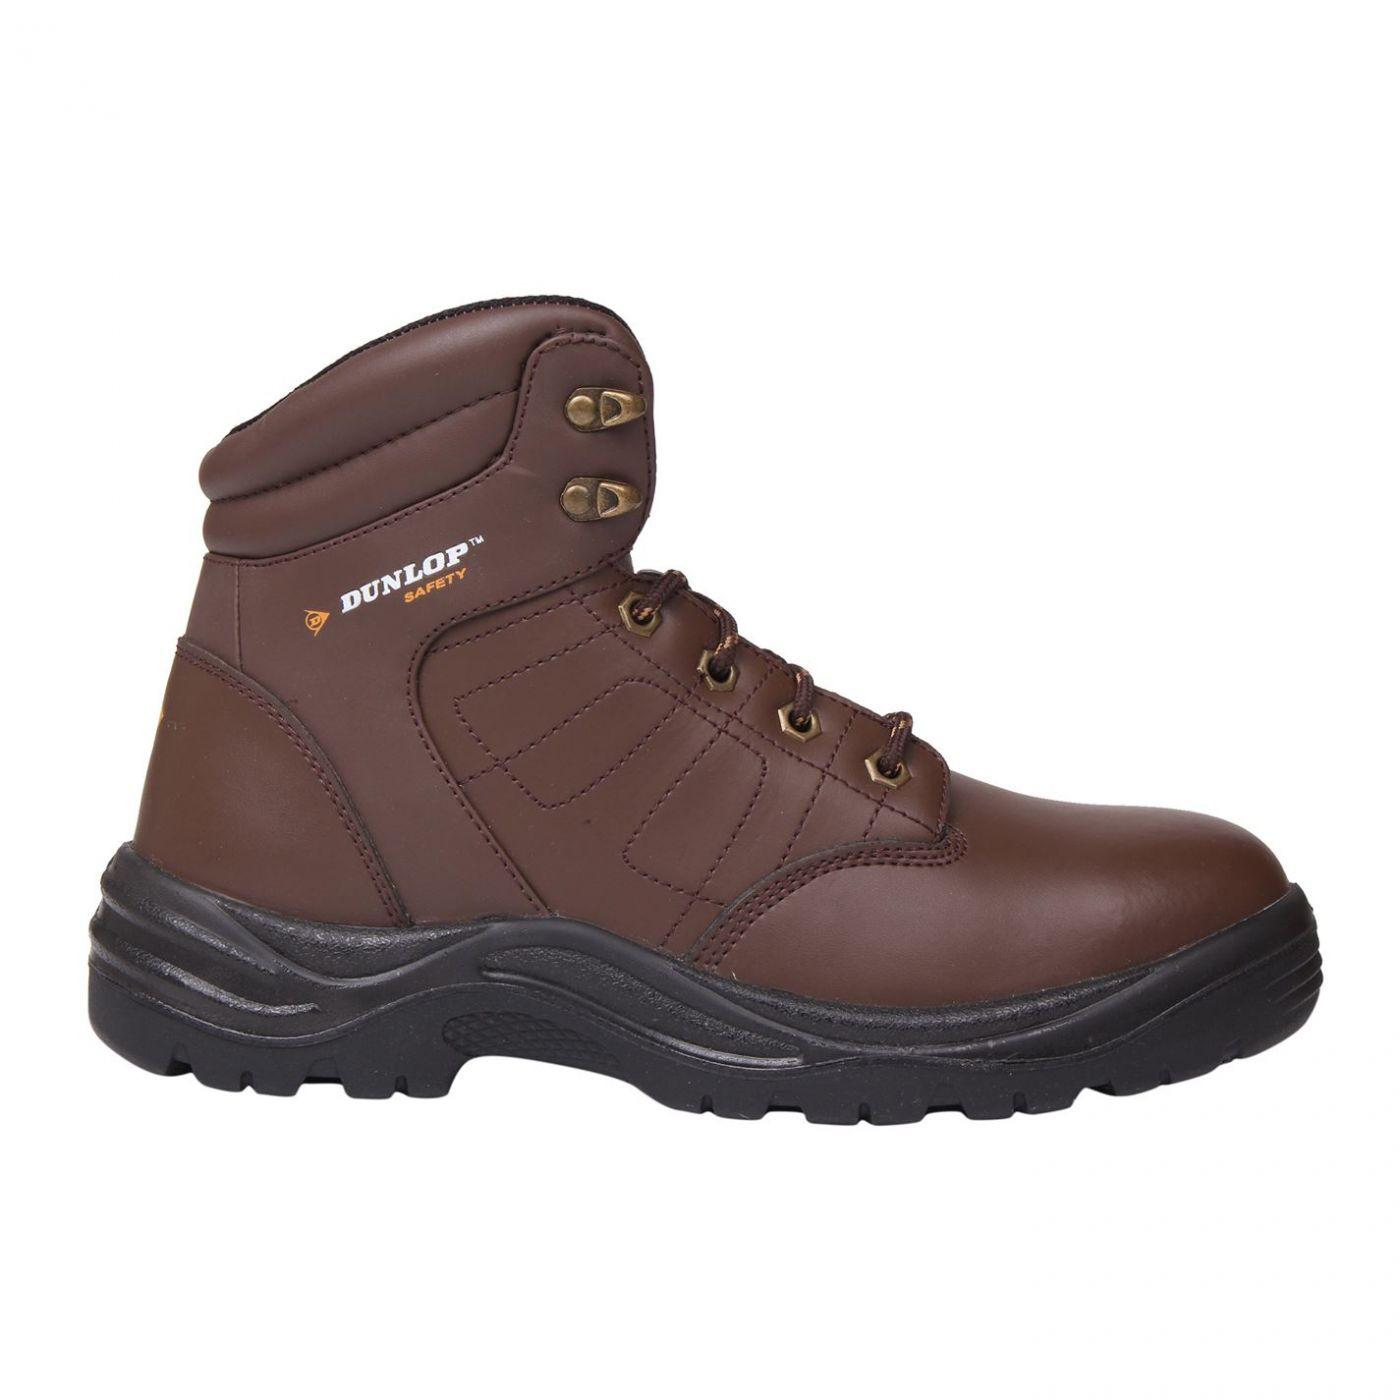 Dunlop Dakota Mens Safety Boots